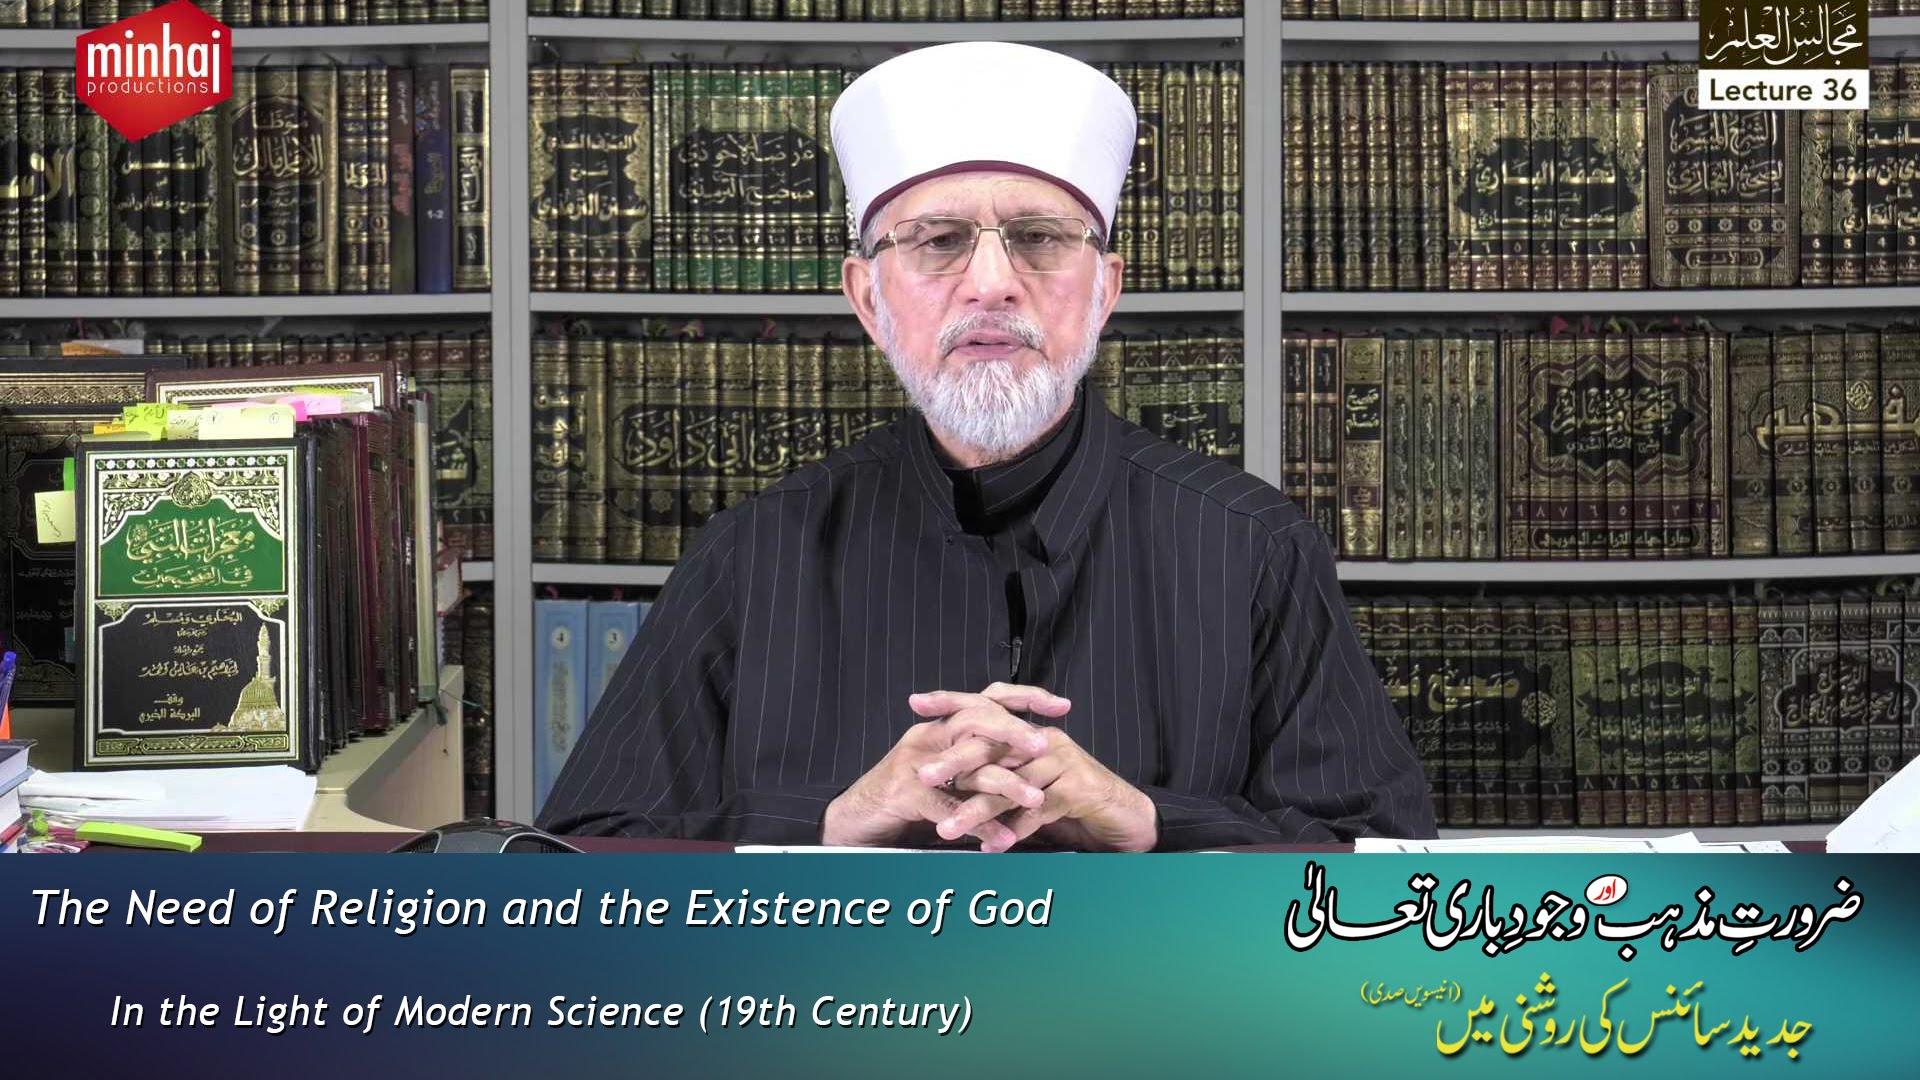 مجالس العلم 36 : خطاب شیخ الاسلام ڈاکٹر محمد طاہرالقادری